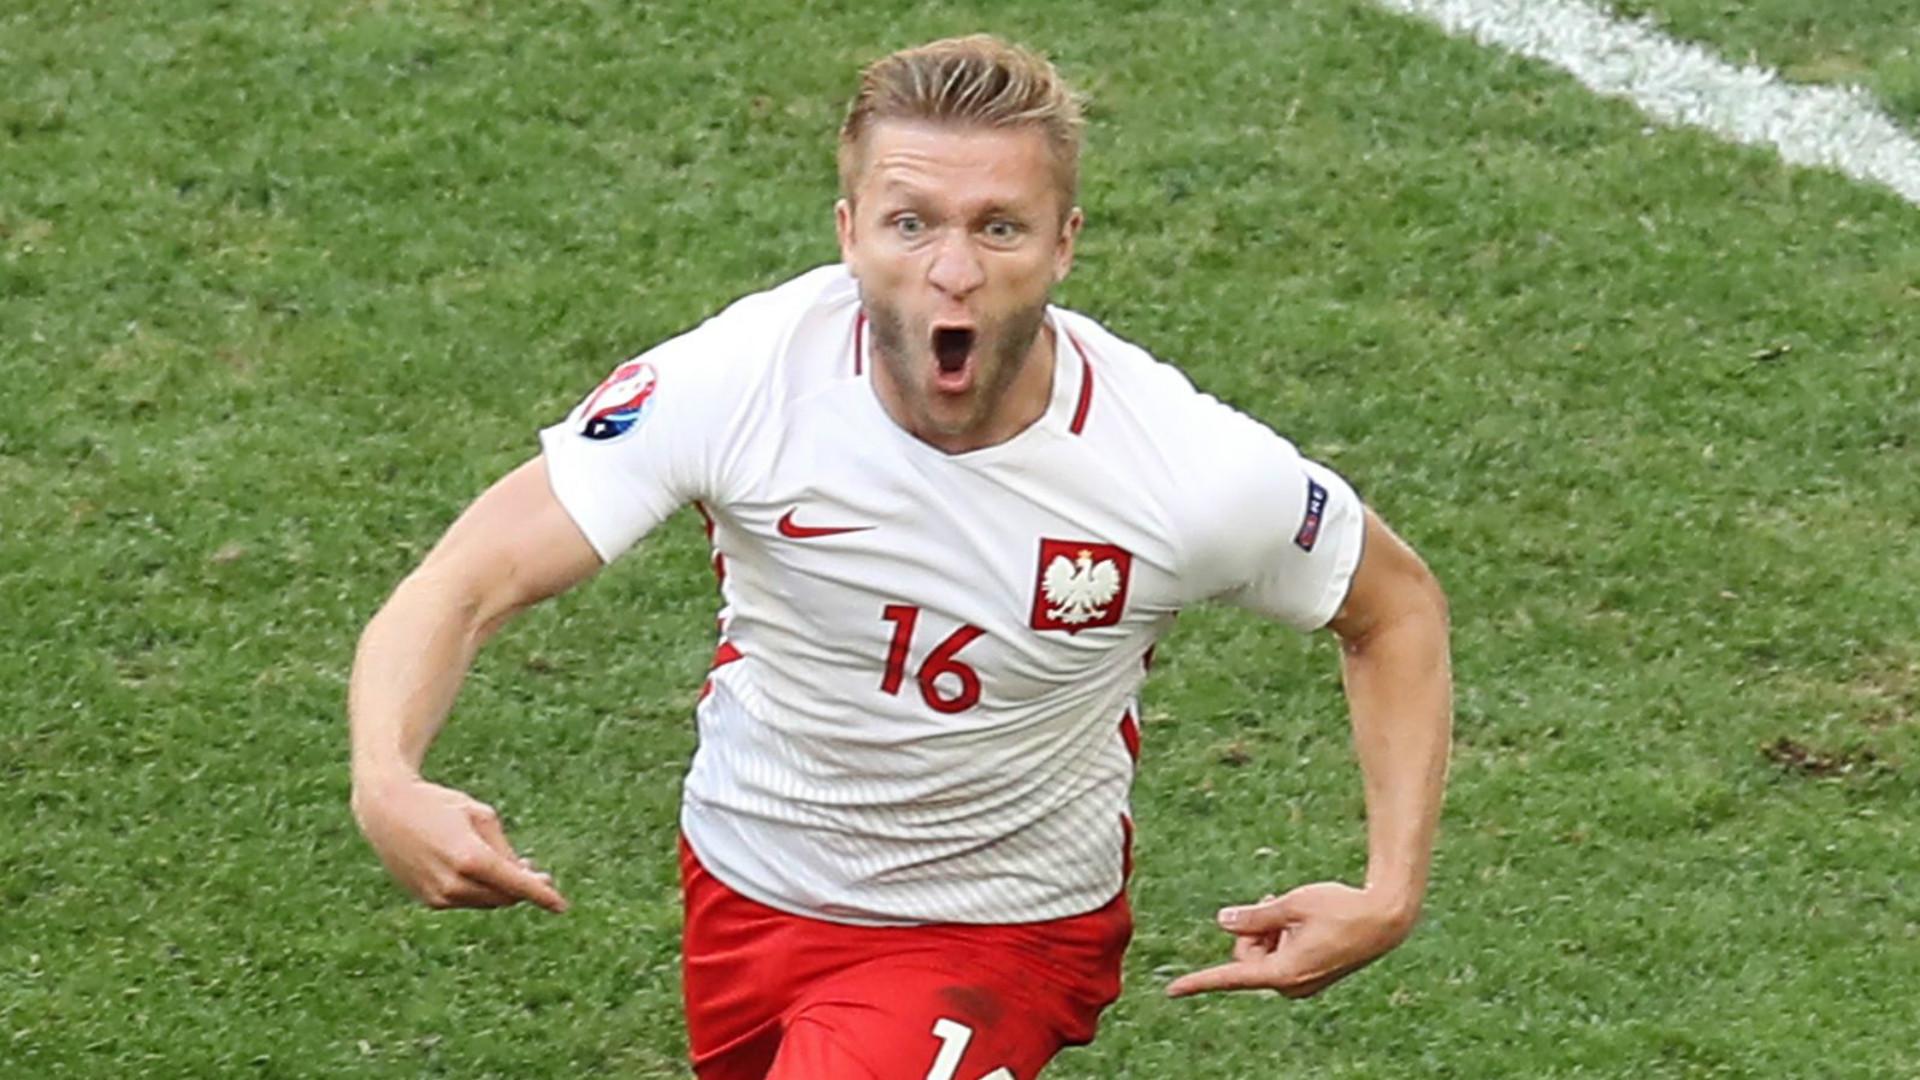 Qualificazioni Mondiali, l'Inghilterra vince e Mancini osserva! Montenegro e Romania show